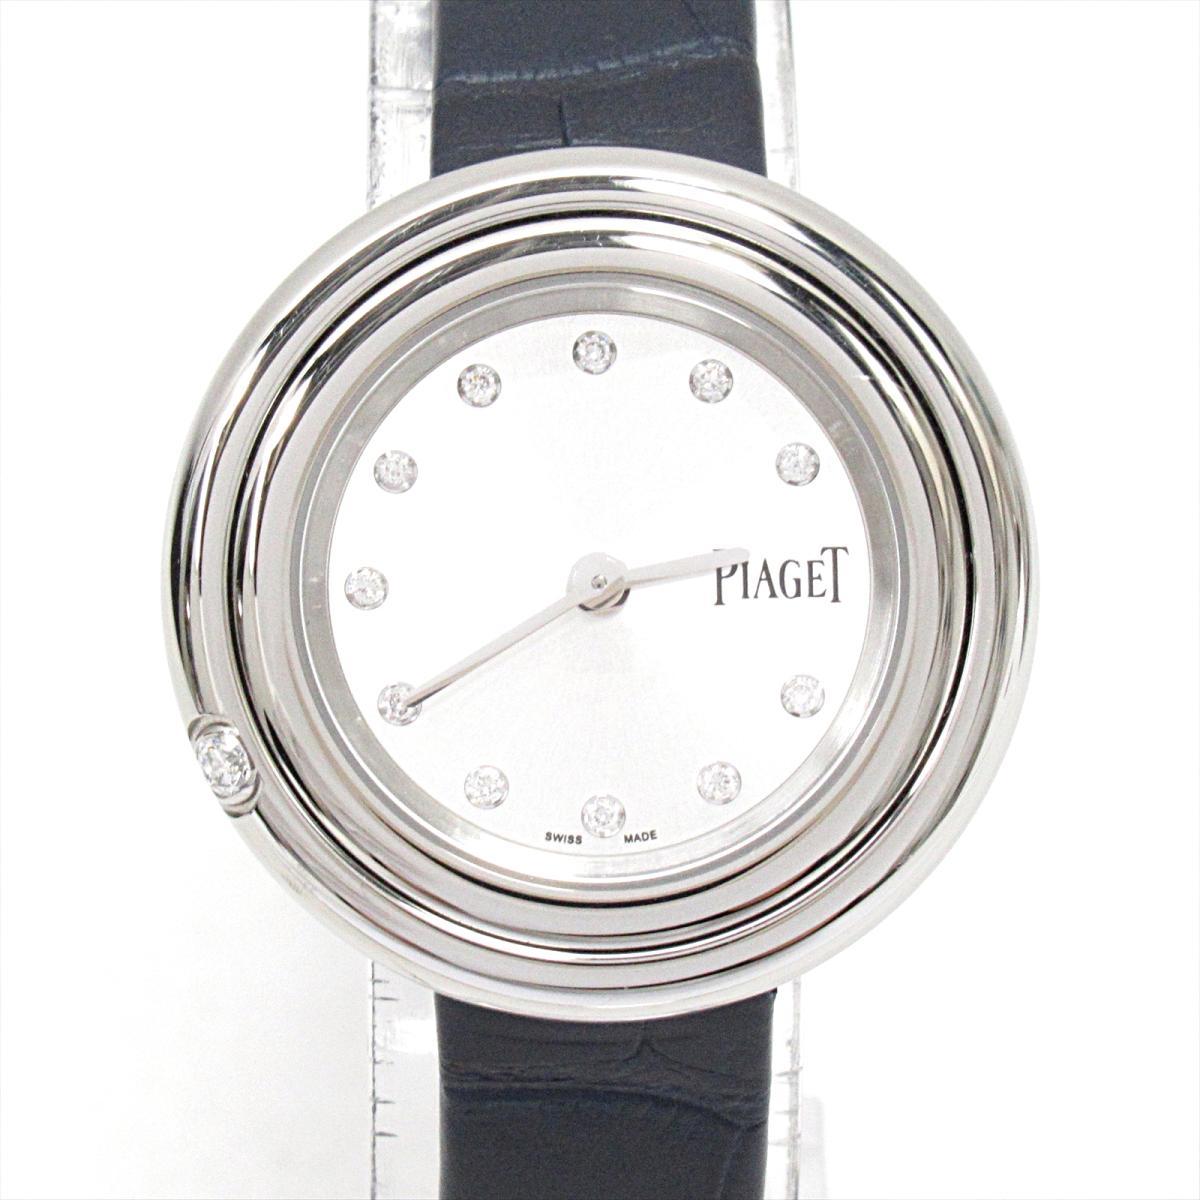 ポセション 腕時計/レディース/SALE/お買得品